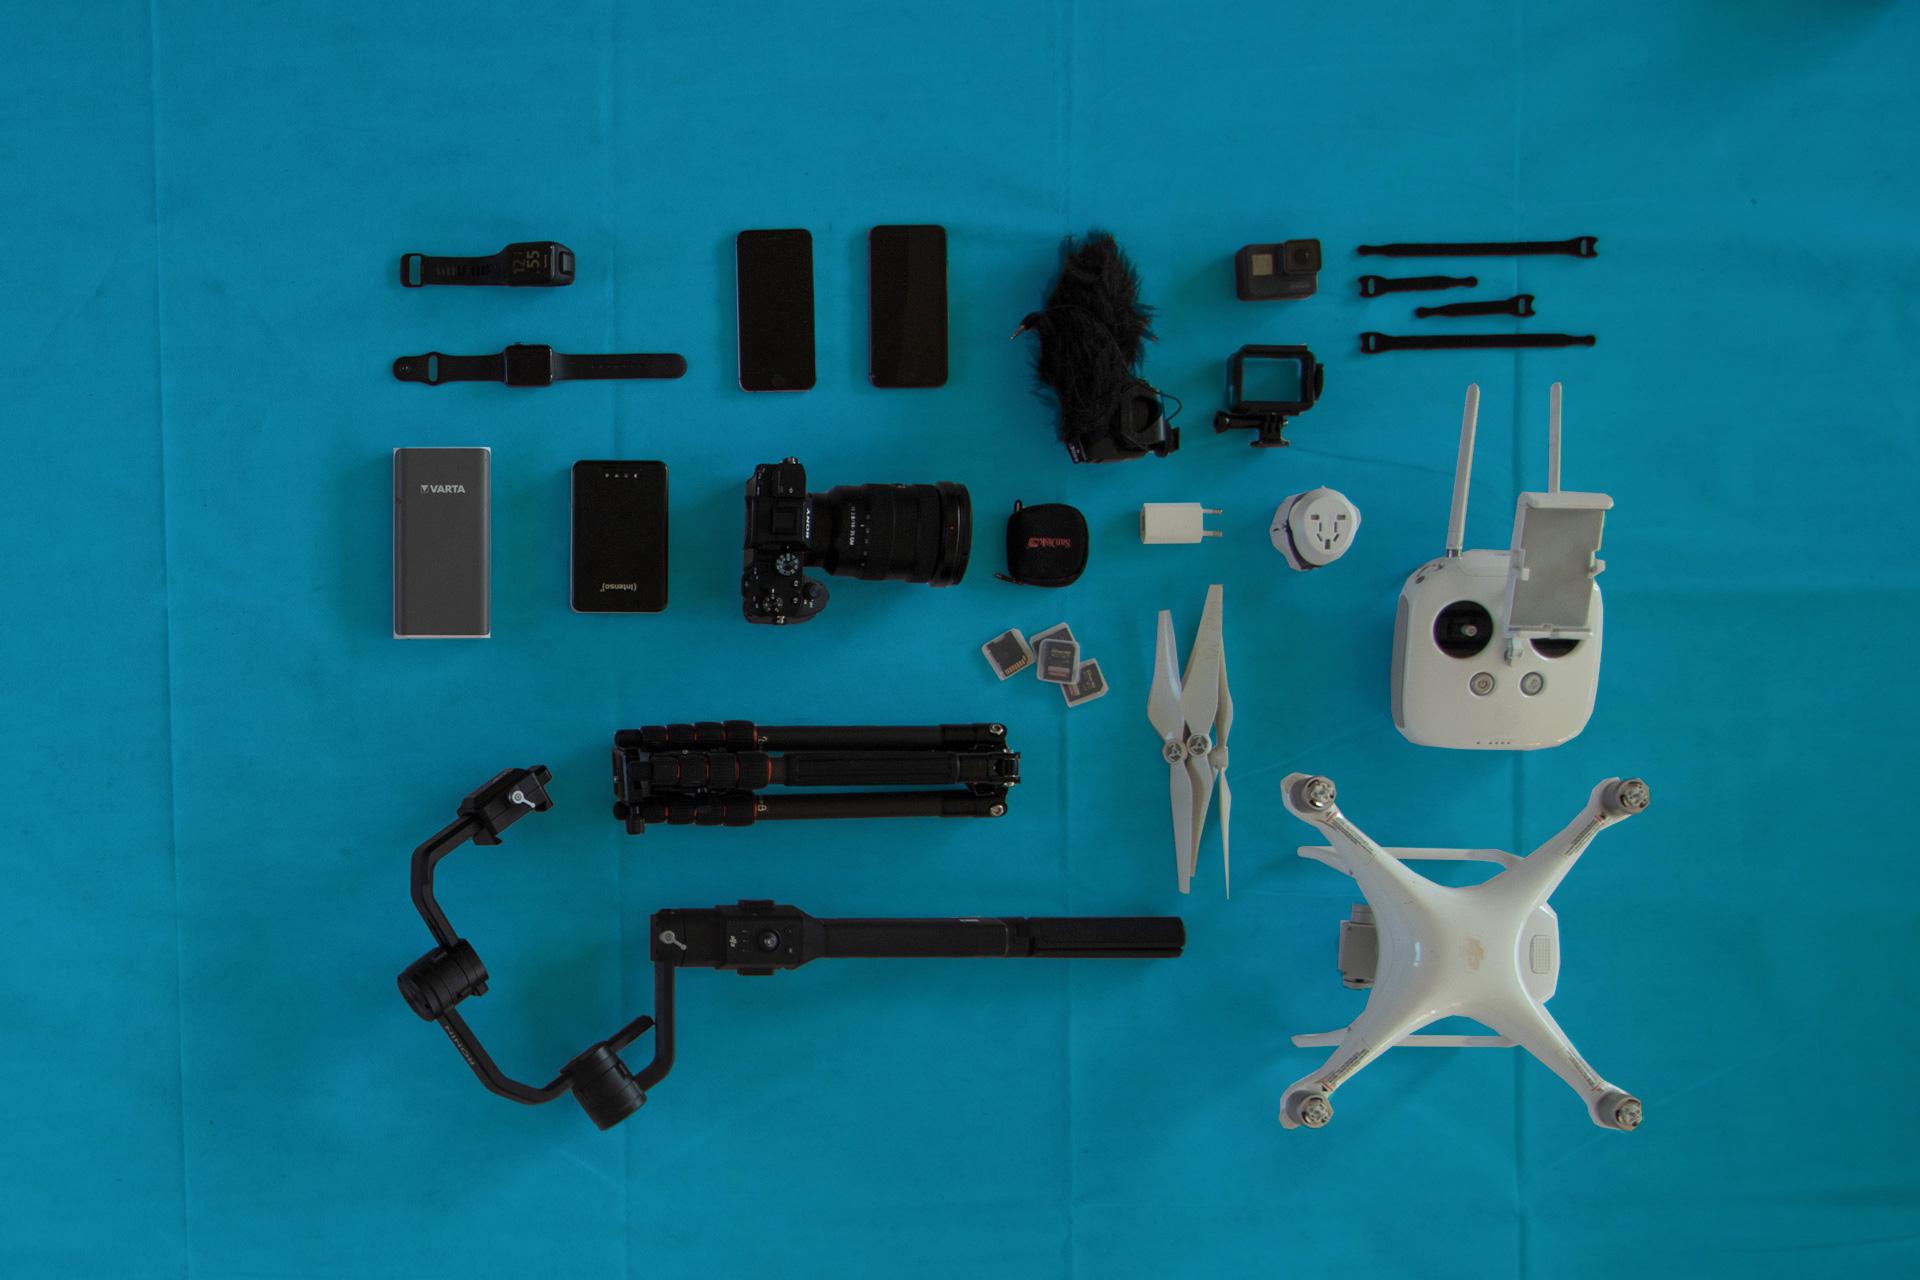 Annapurna Circuit & Annapurna Base Camp Trek Packing List | | Video | Gear | Equipment | Outside Material